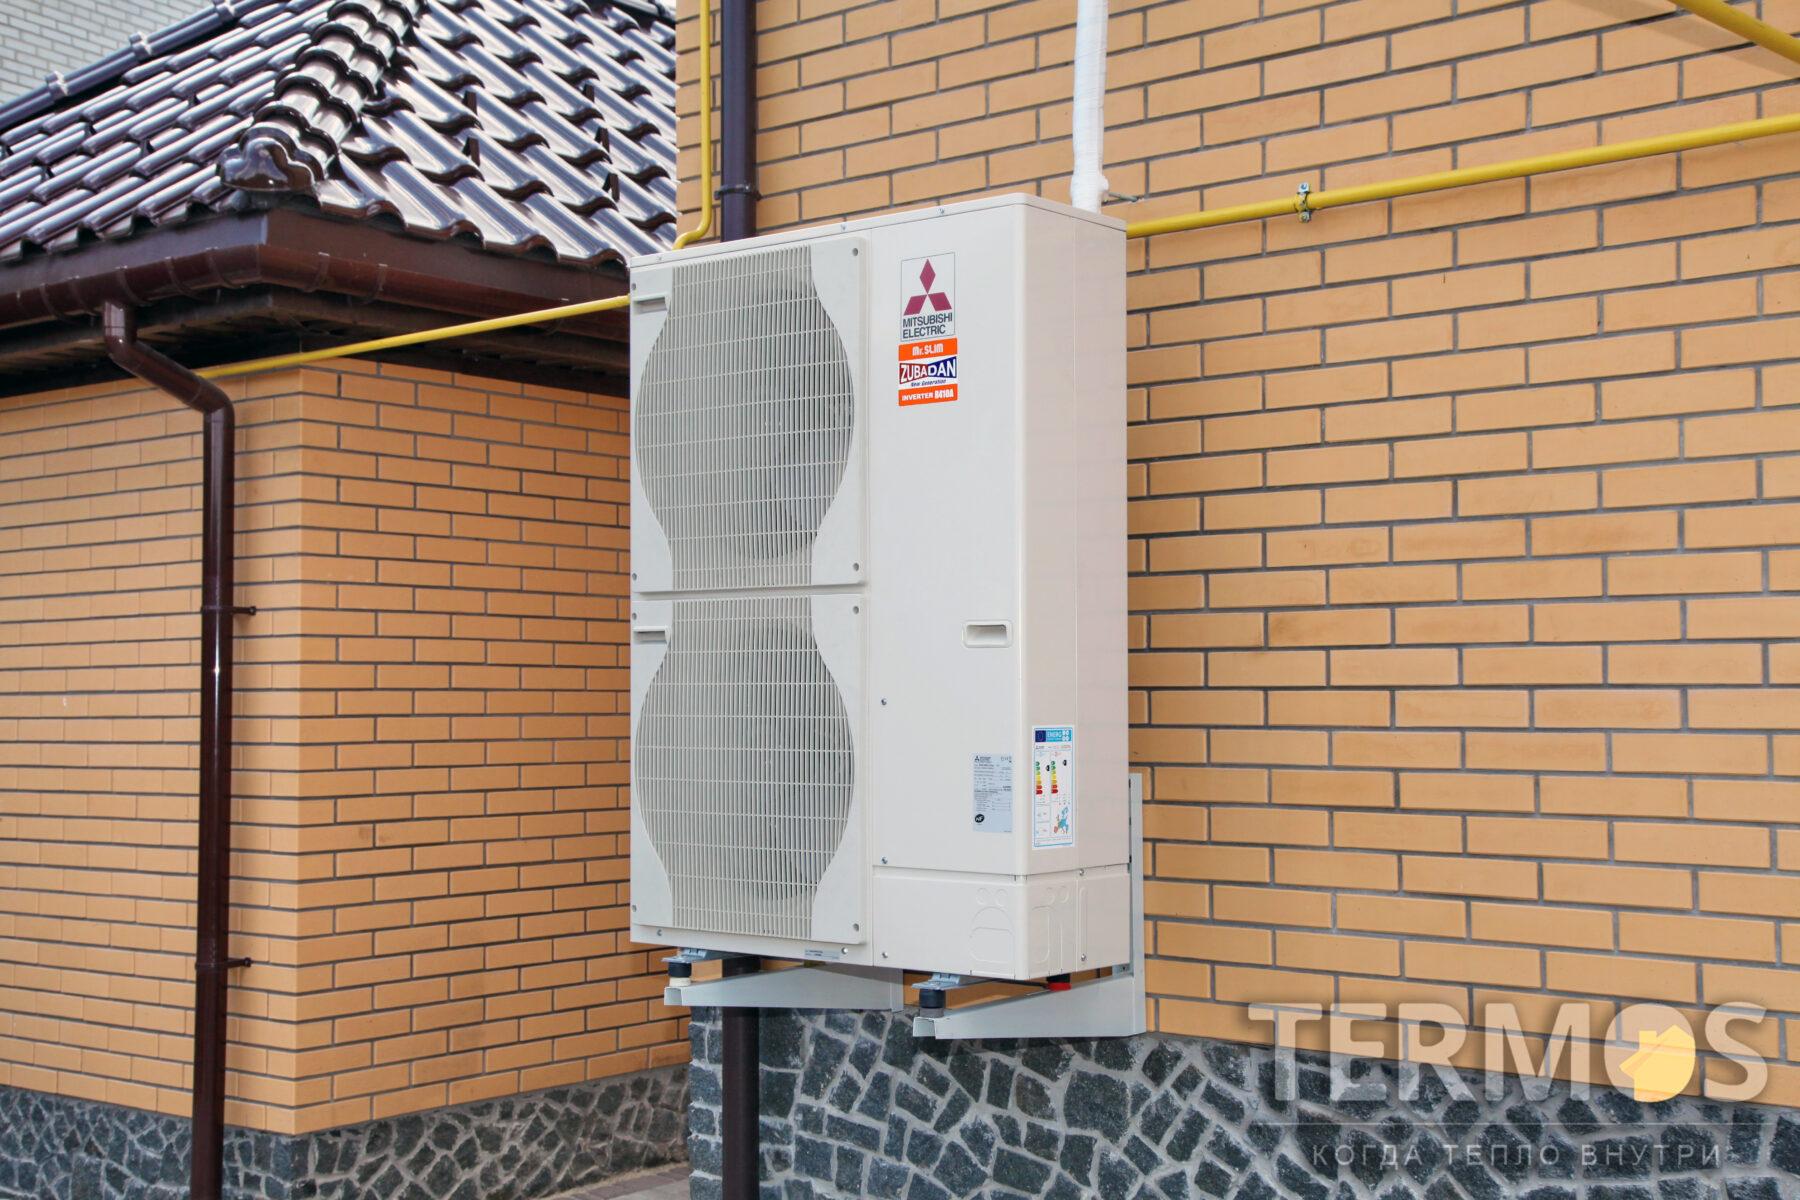 Біла Церква. Будинок 180 кв.м. Повітряний тепловий насос ZUBADAN MITSUBISHI ELECTRIC (Японія) 14 кВт, з функціями опалення і приготування гарячої води в спеціалізованому бойлері 300 літрів